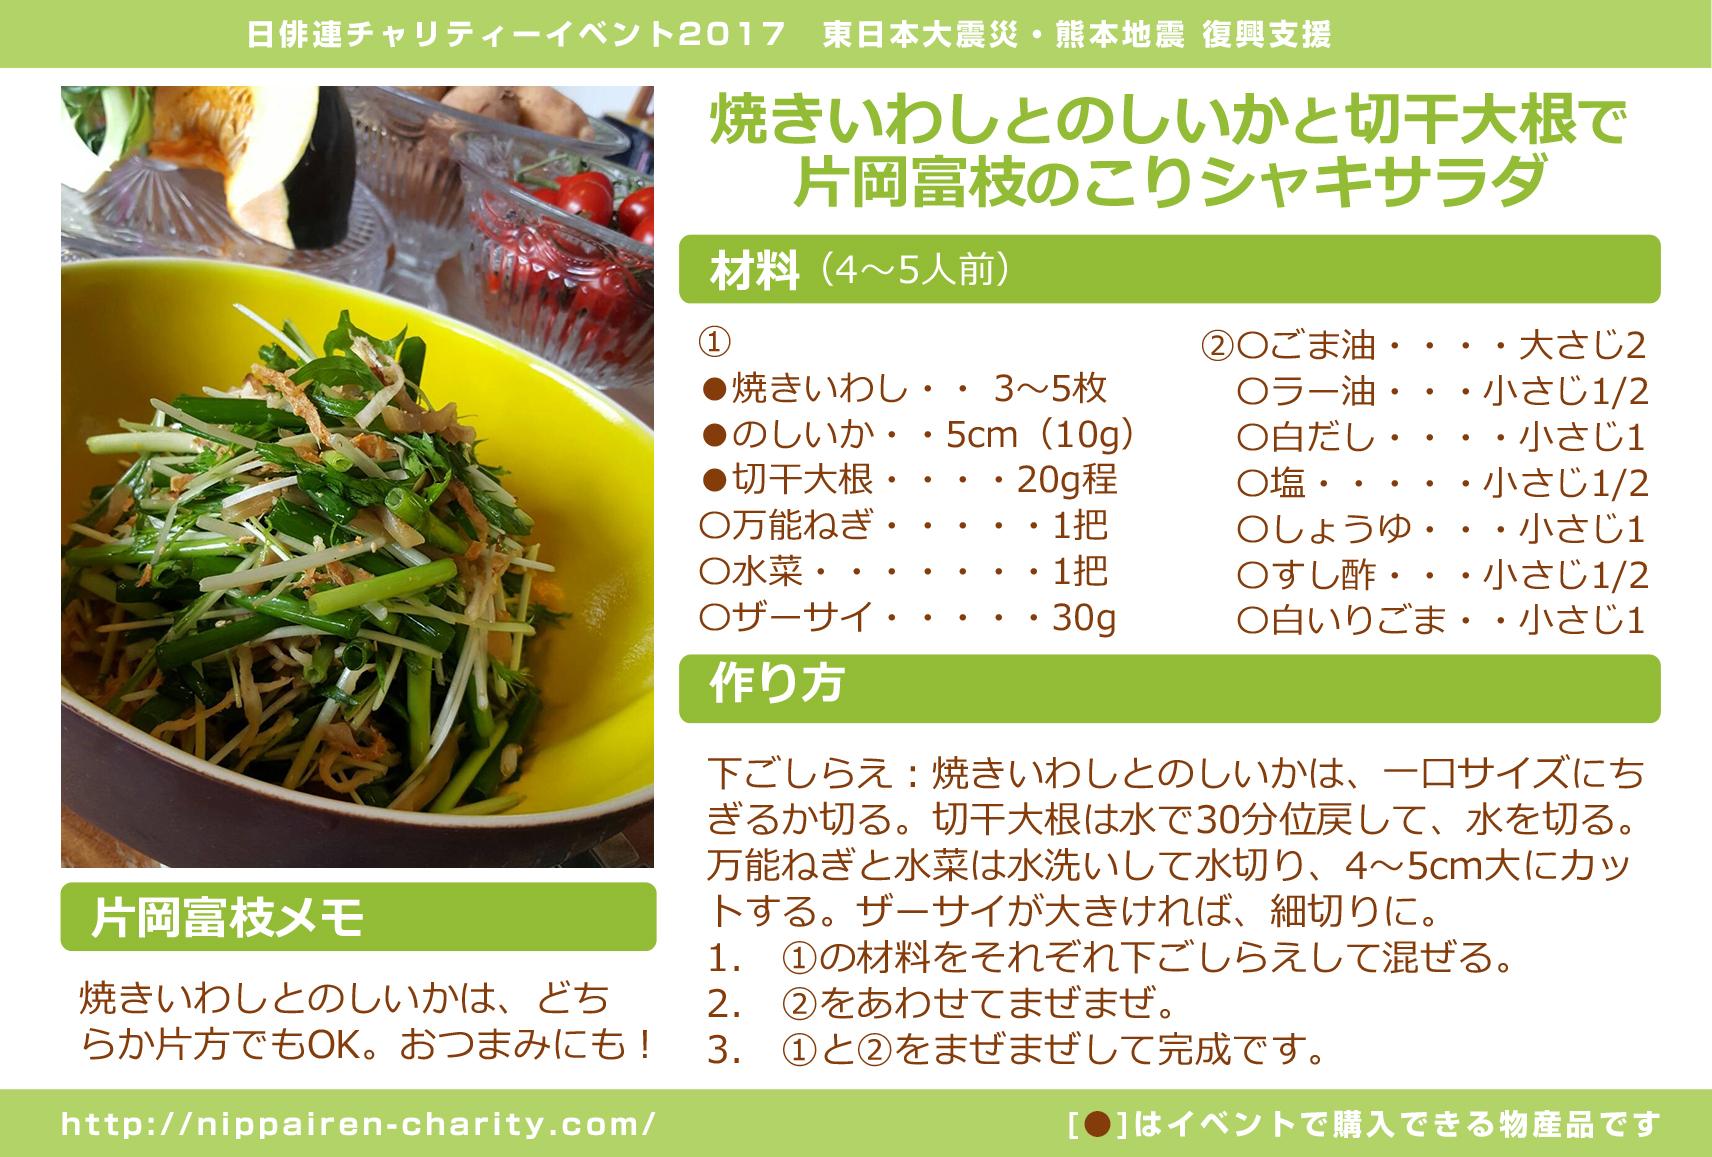 焼きいわしとのしいかと切干大根で片岡富枝のこりシャキサラダ